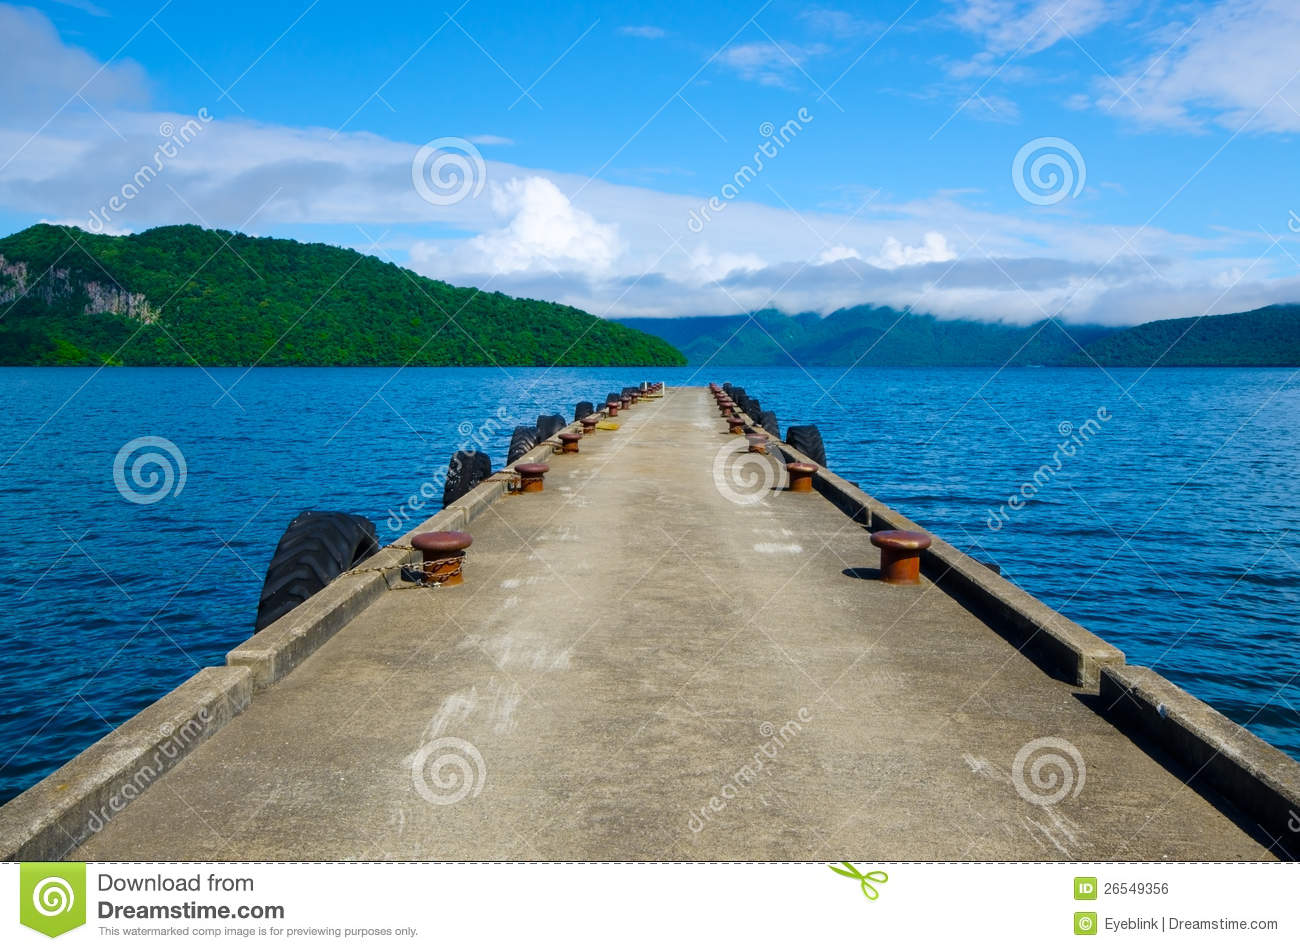 Lake Towada clipart #8, Download drawings